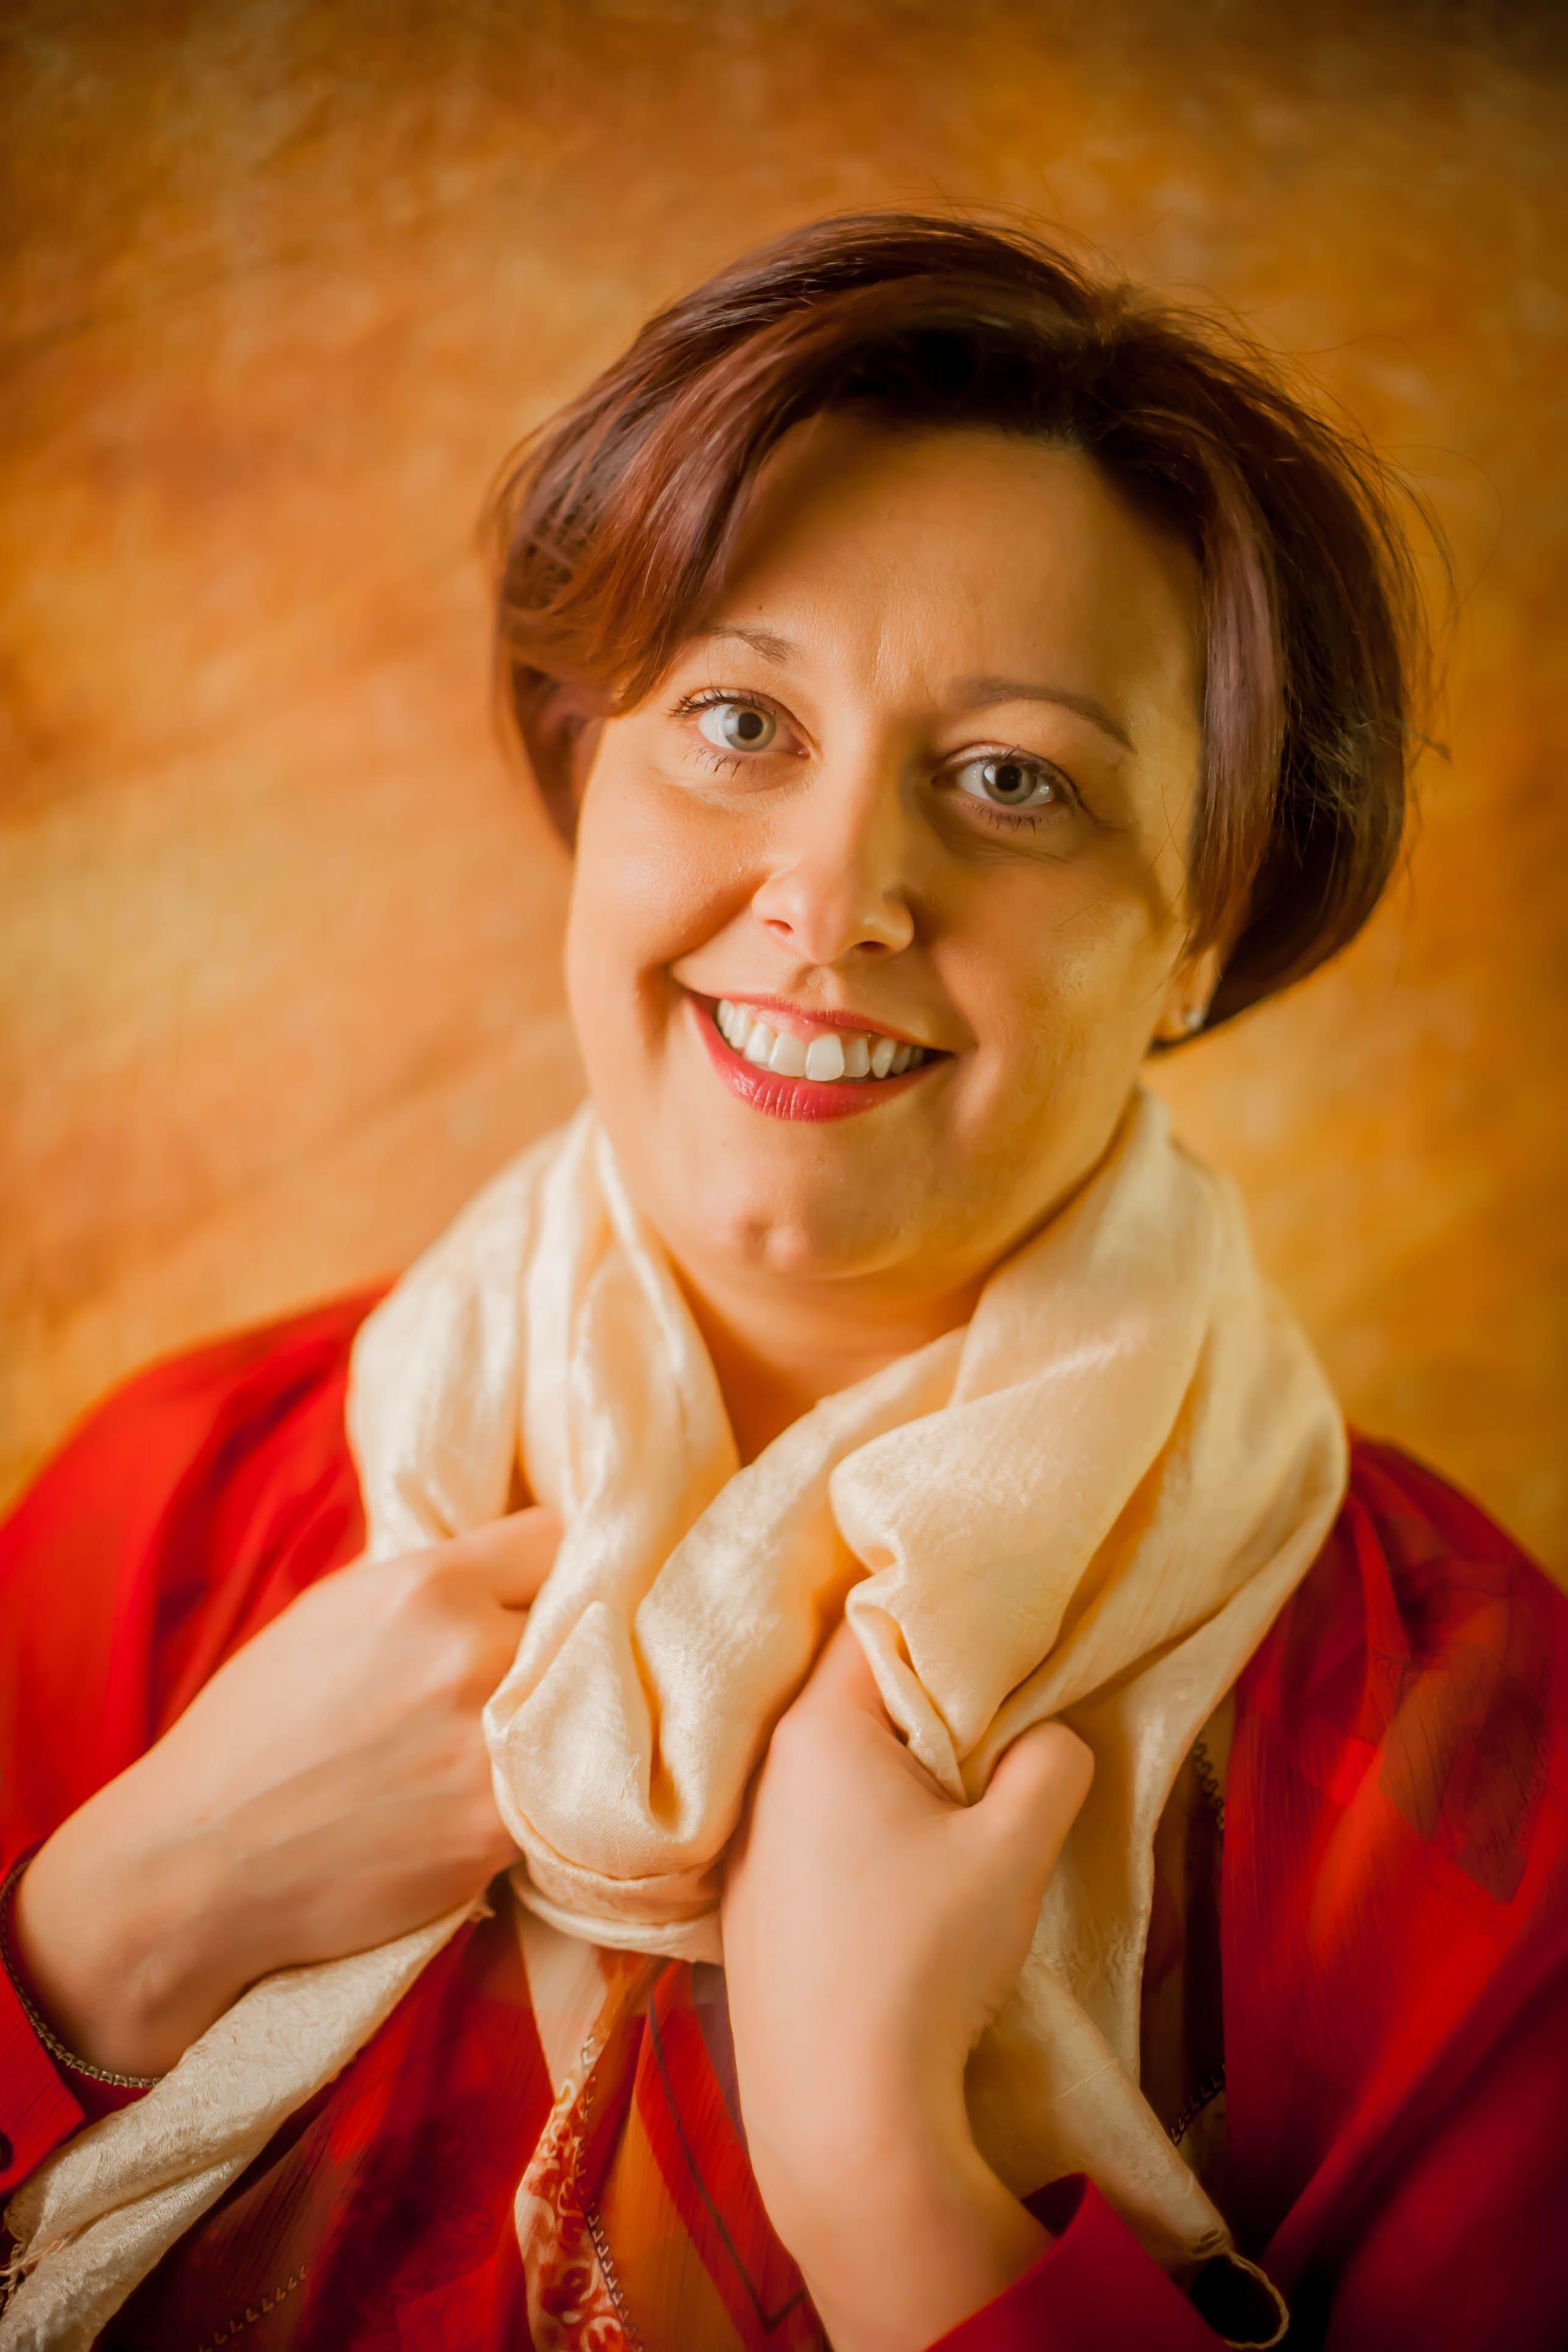 Sra. Anna Maria Borgogno